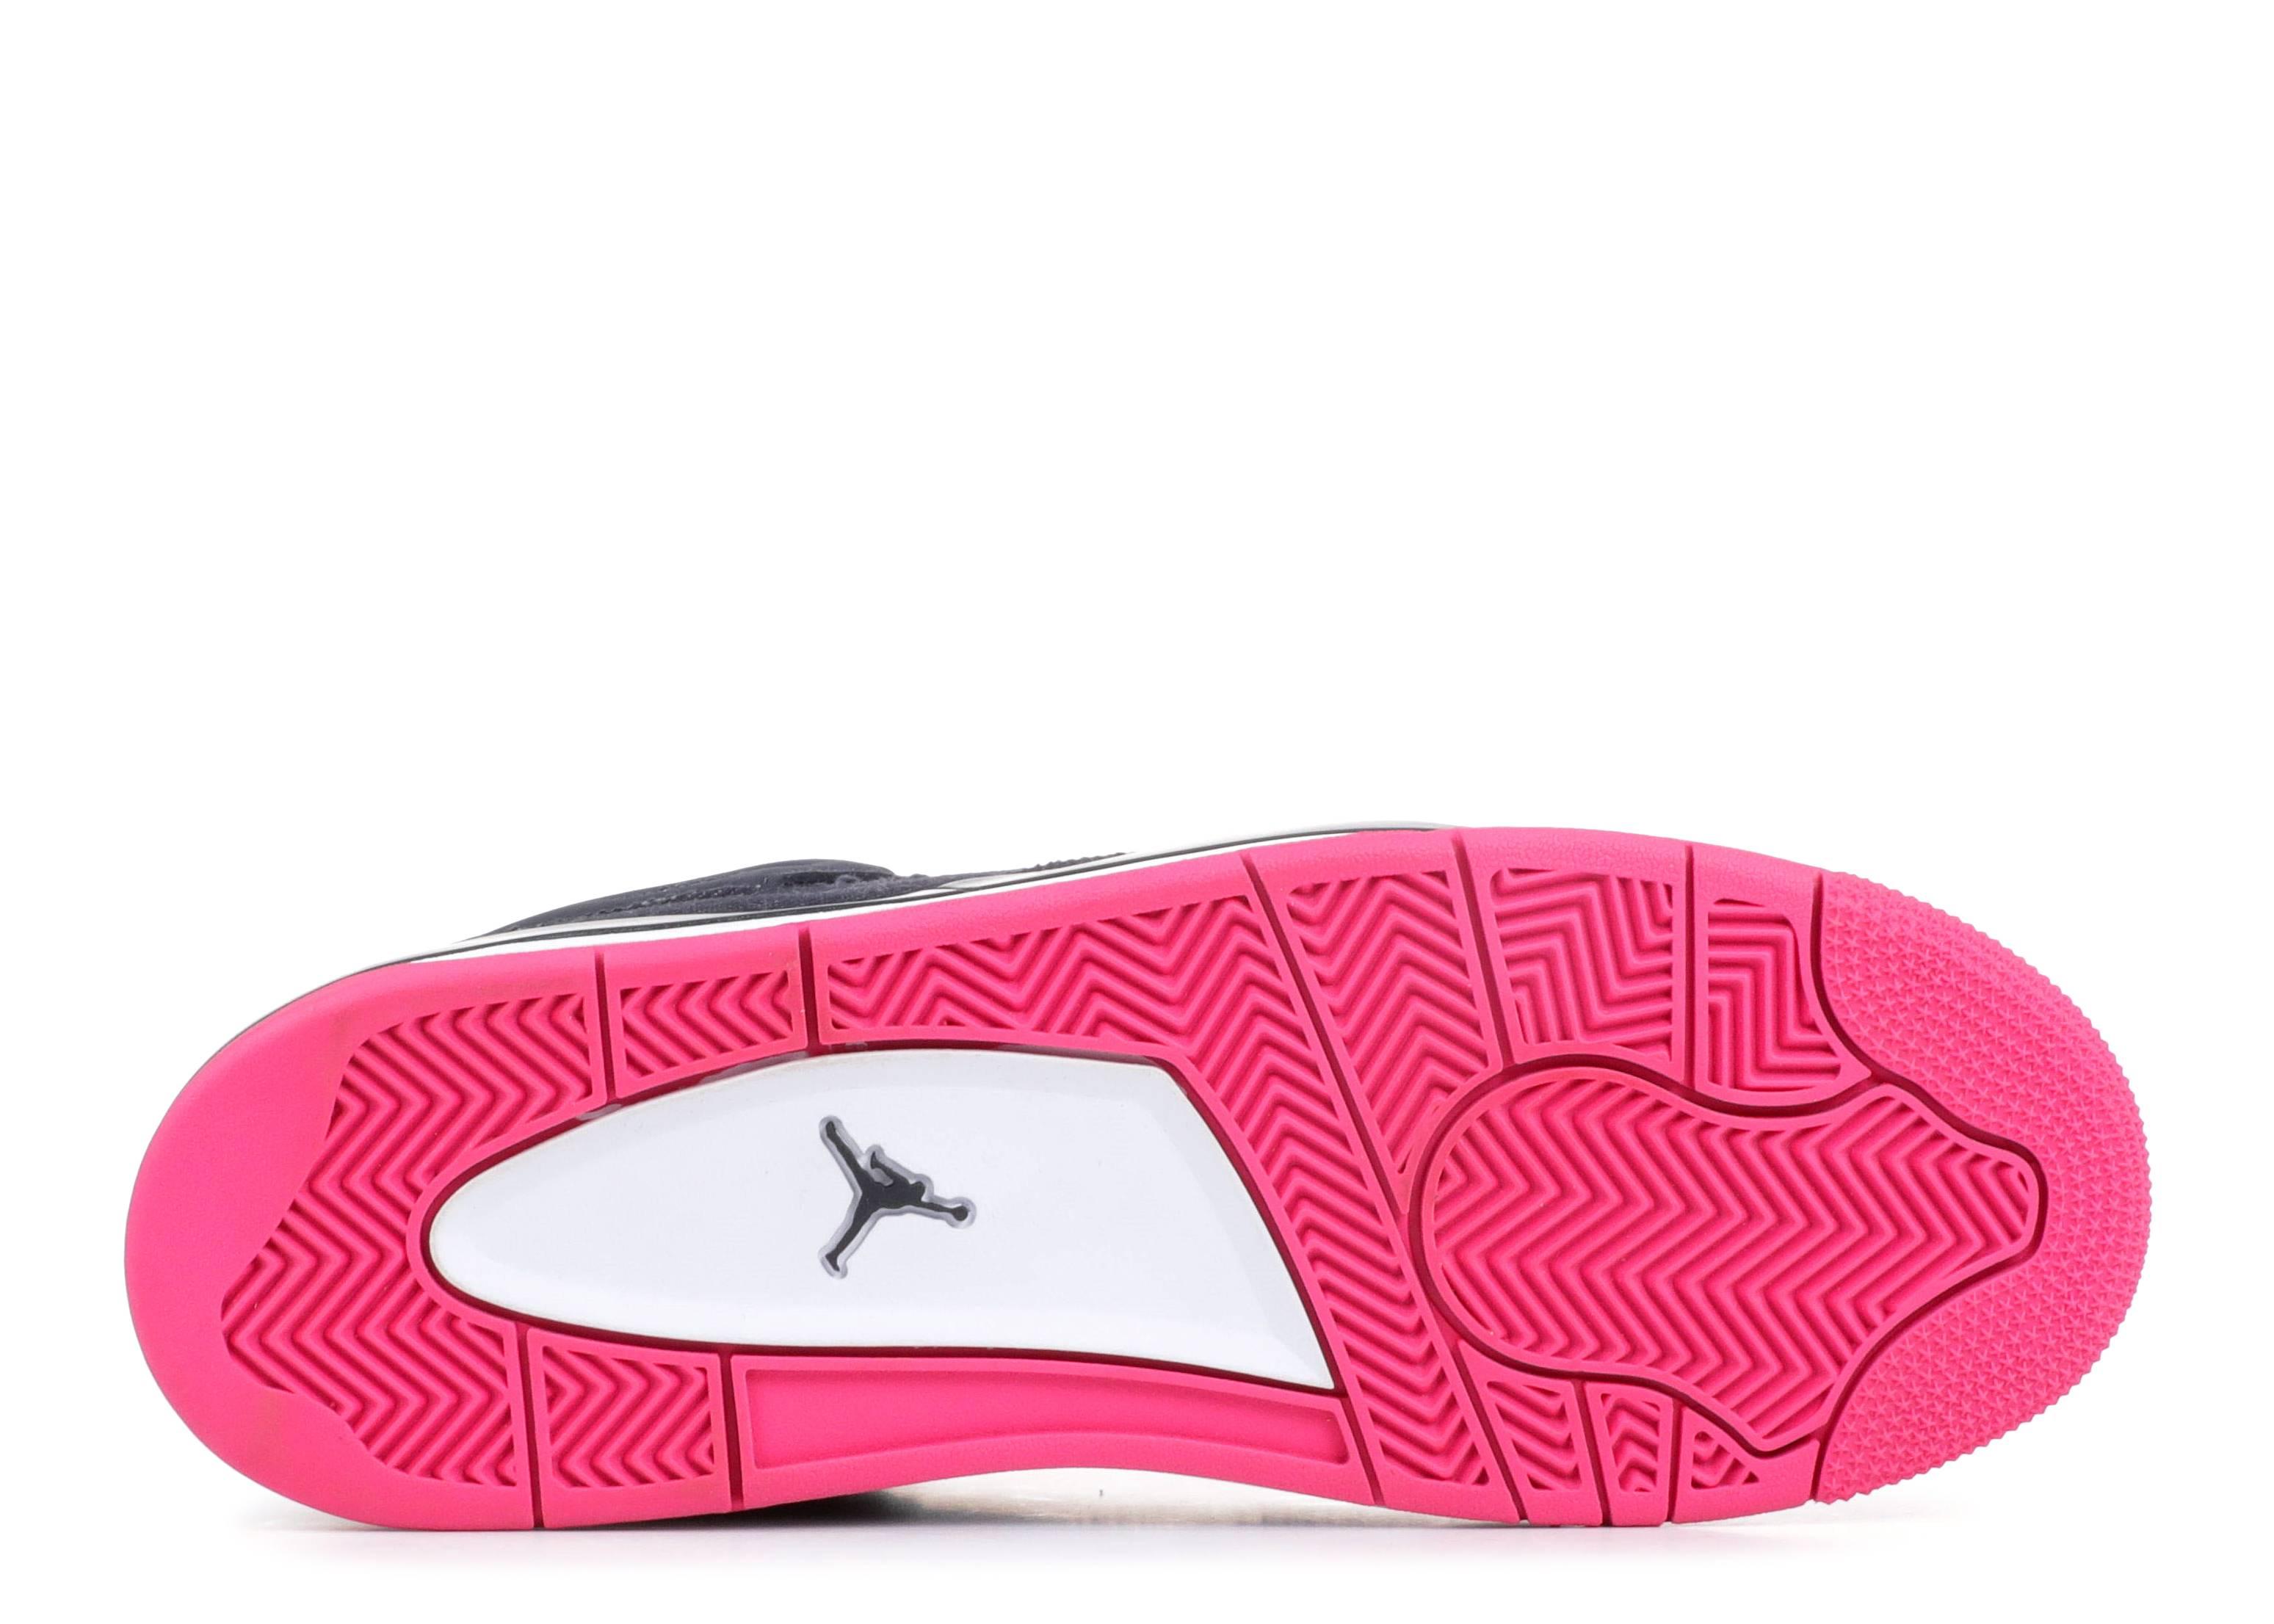 quality design ad73d f6e6a Air Jordan 4 Retro Gg (gs)